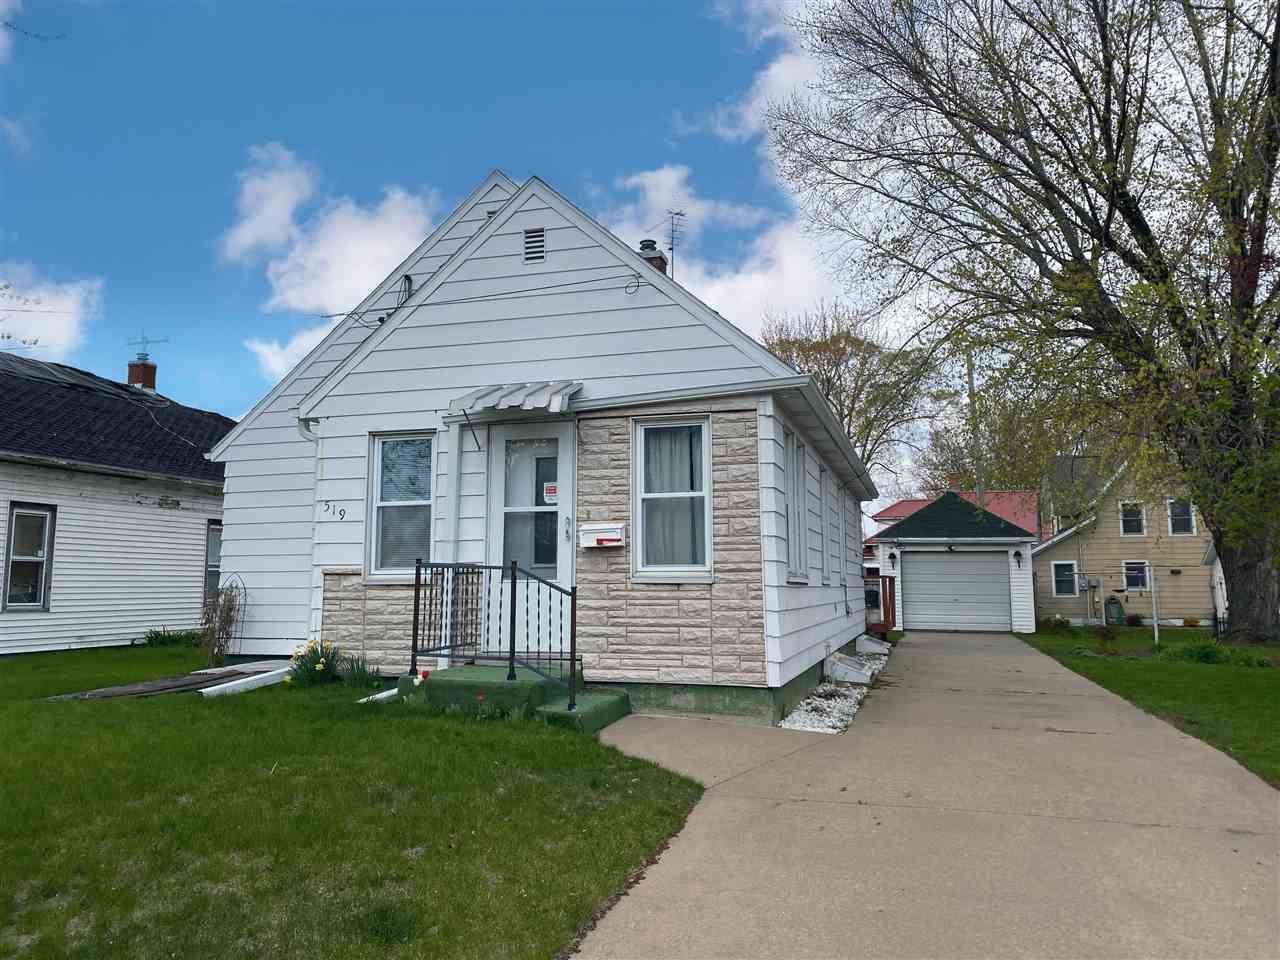 519 E Wisconsin St, Prairie du Chien, WI 53821 - #: 1907496